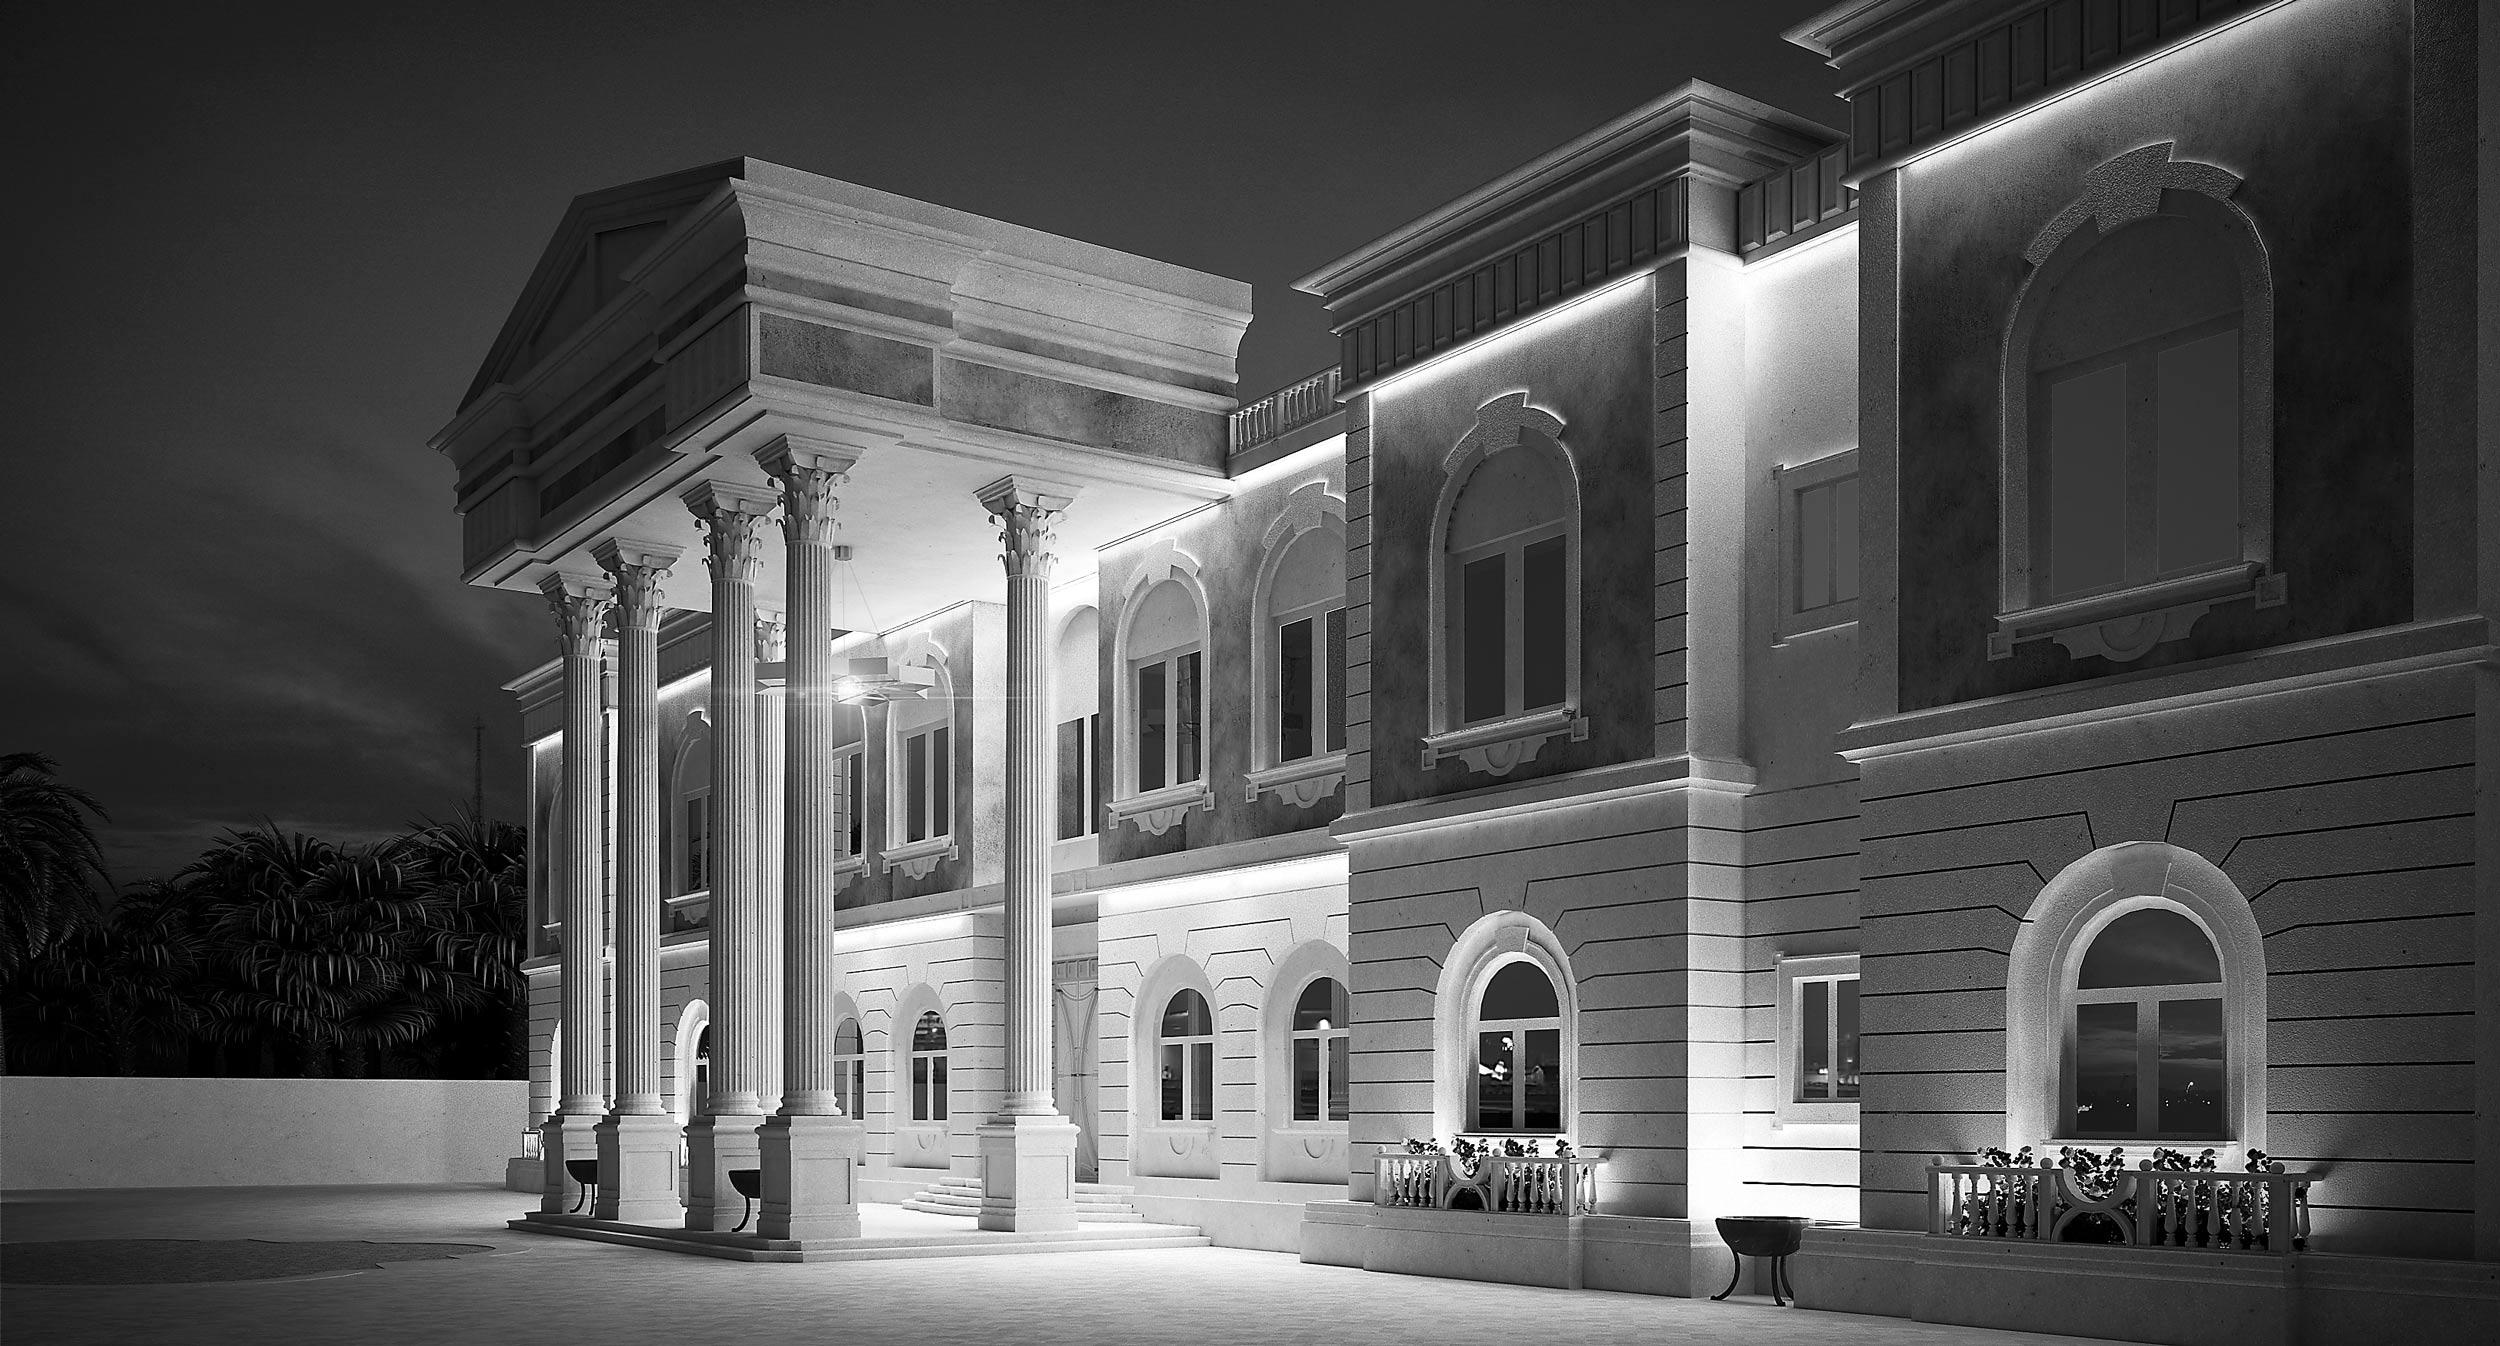 render-qatar-abitazione-privata-villa-outdoor-esterno-illuminazione-notturna-night-classic